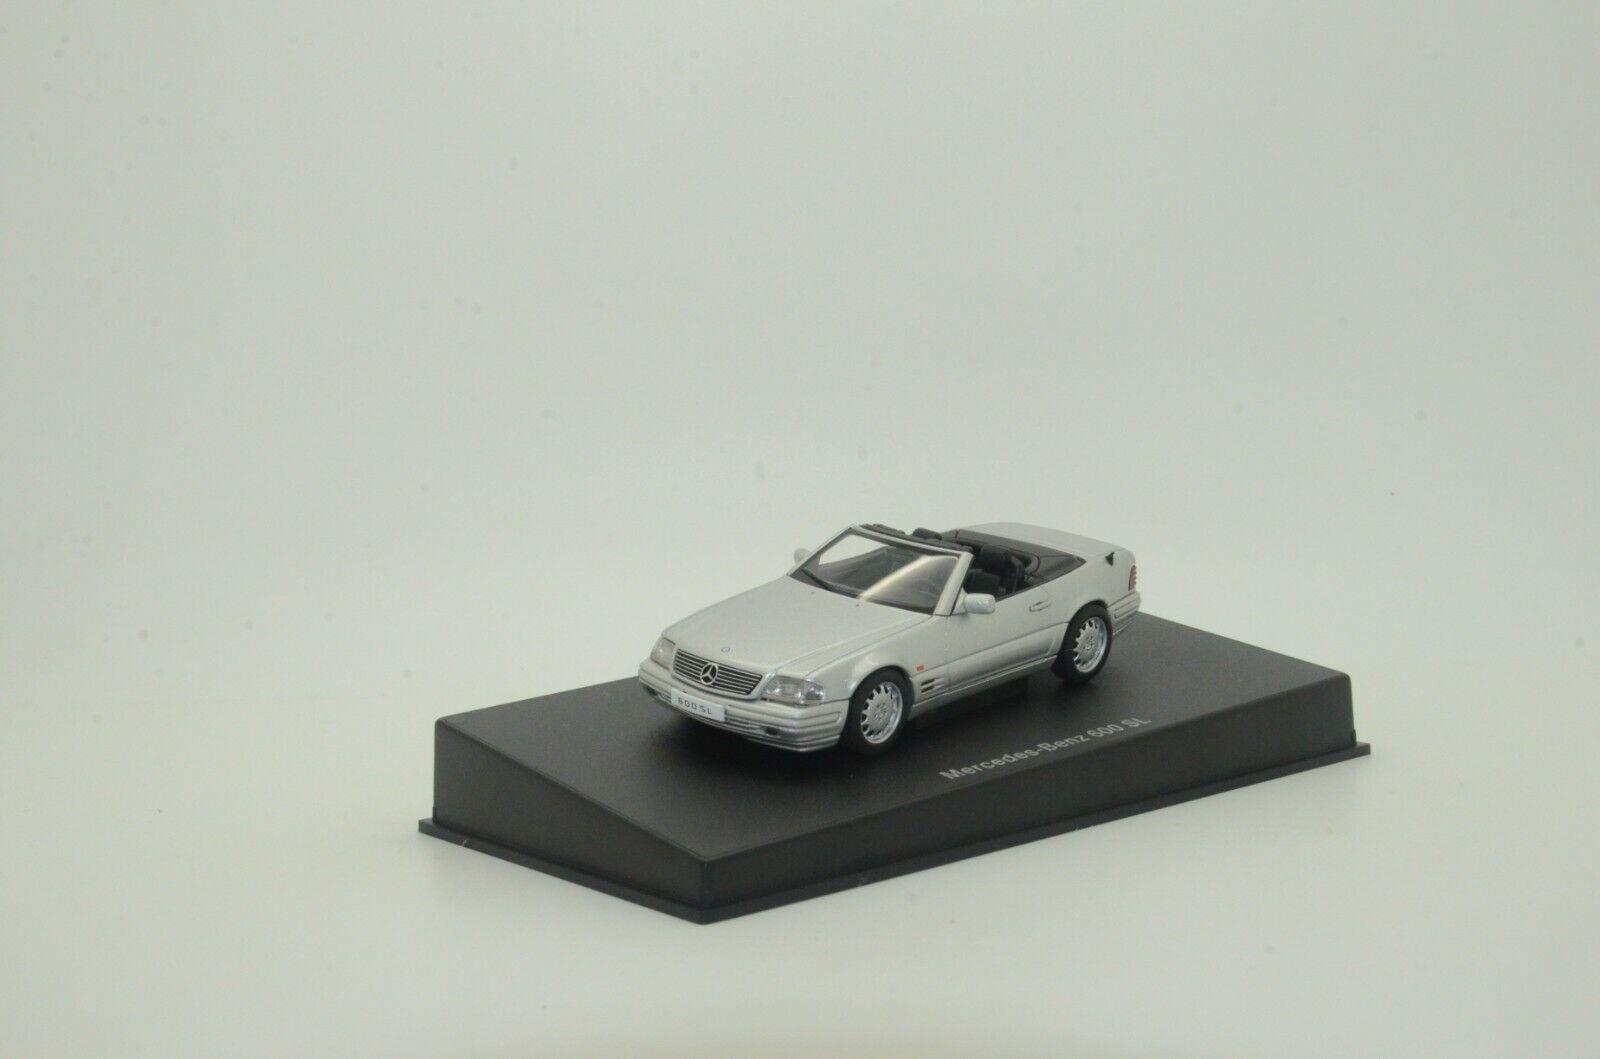 Raro  Mercedes 600 Sl Cabrio Autoart 56231 R129 Plata 1 43